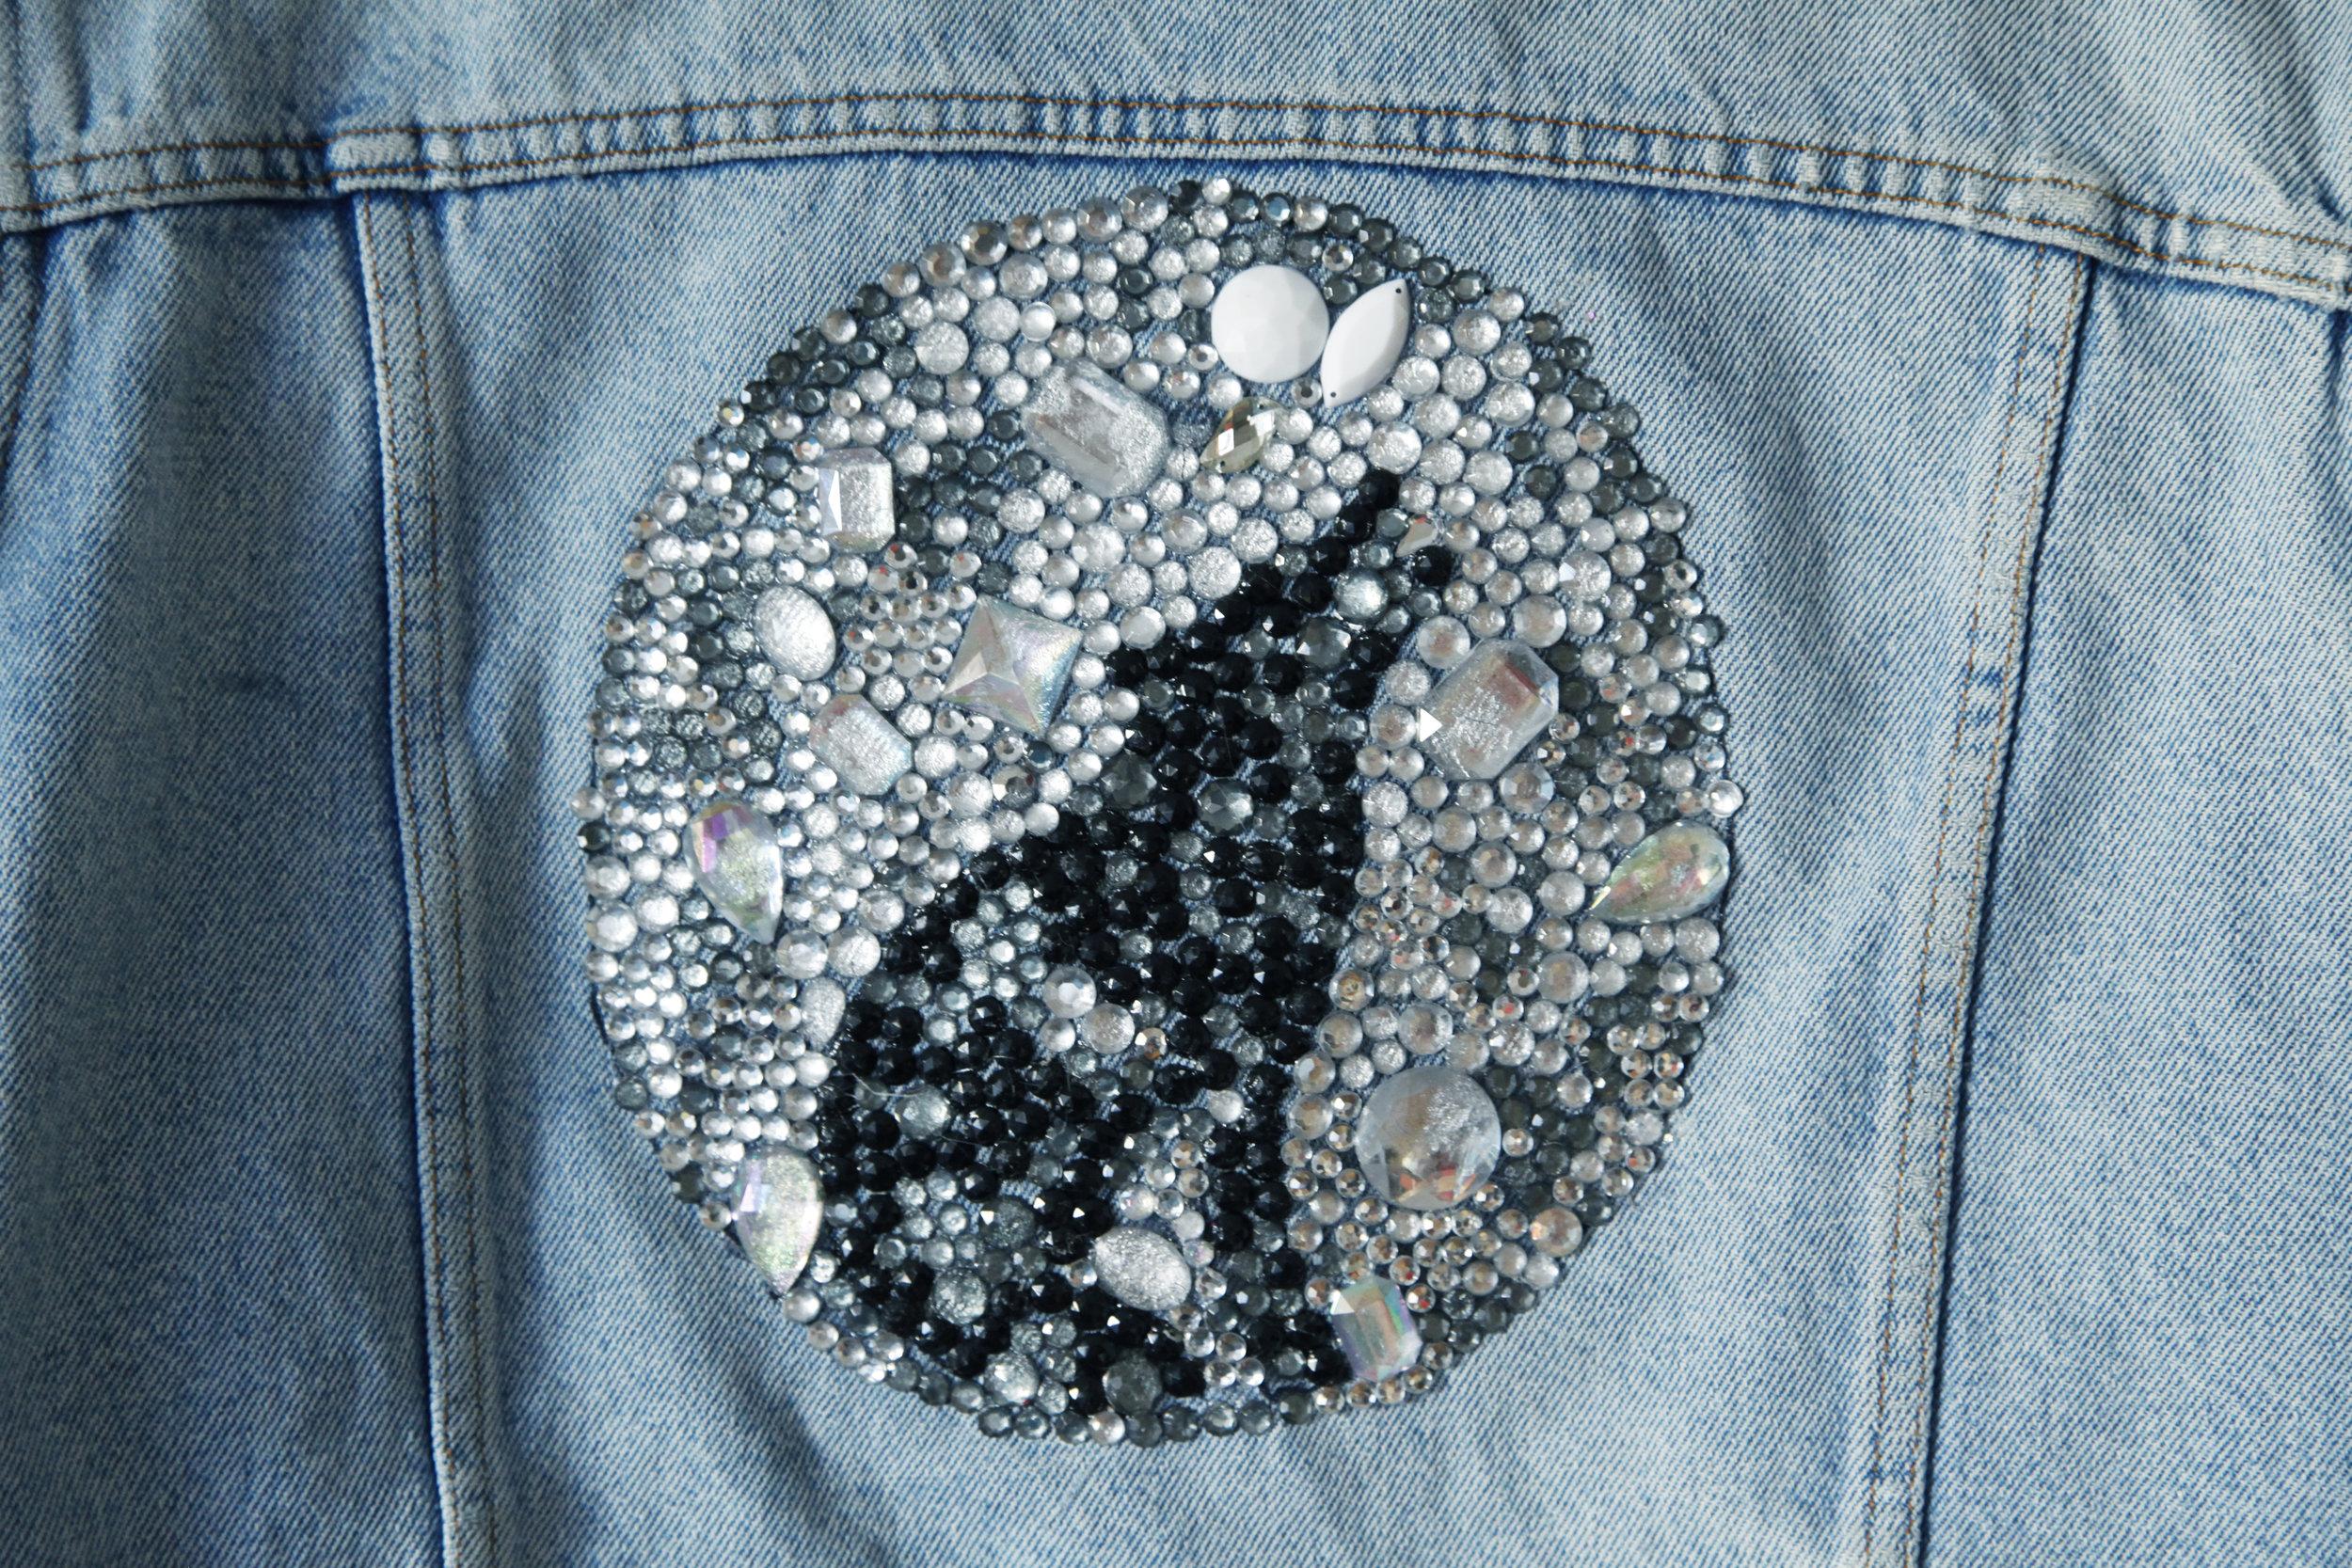 Wolf Vest (detail)